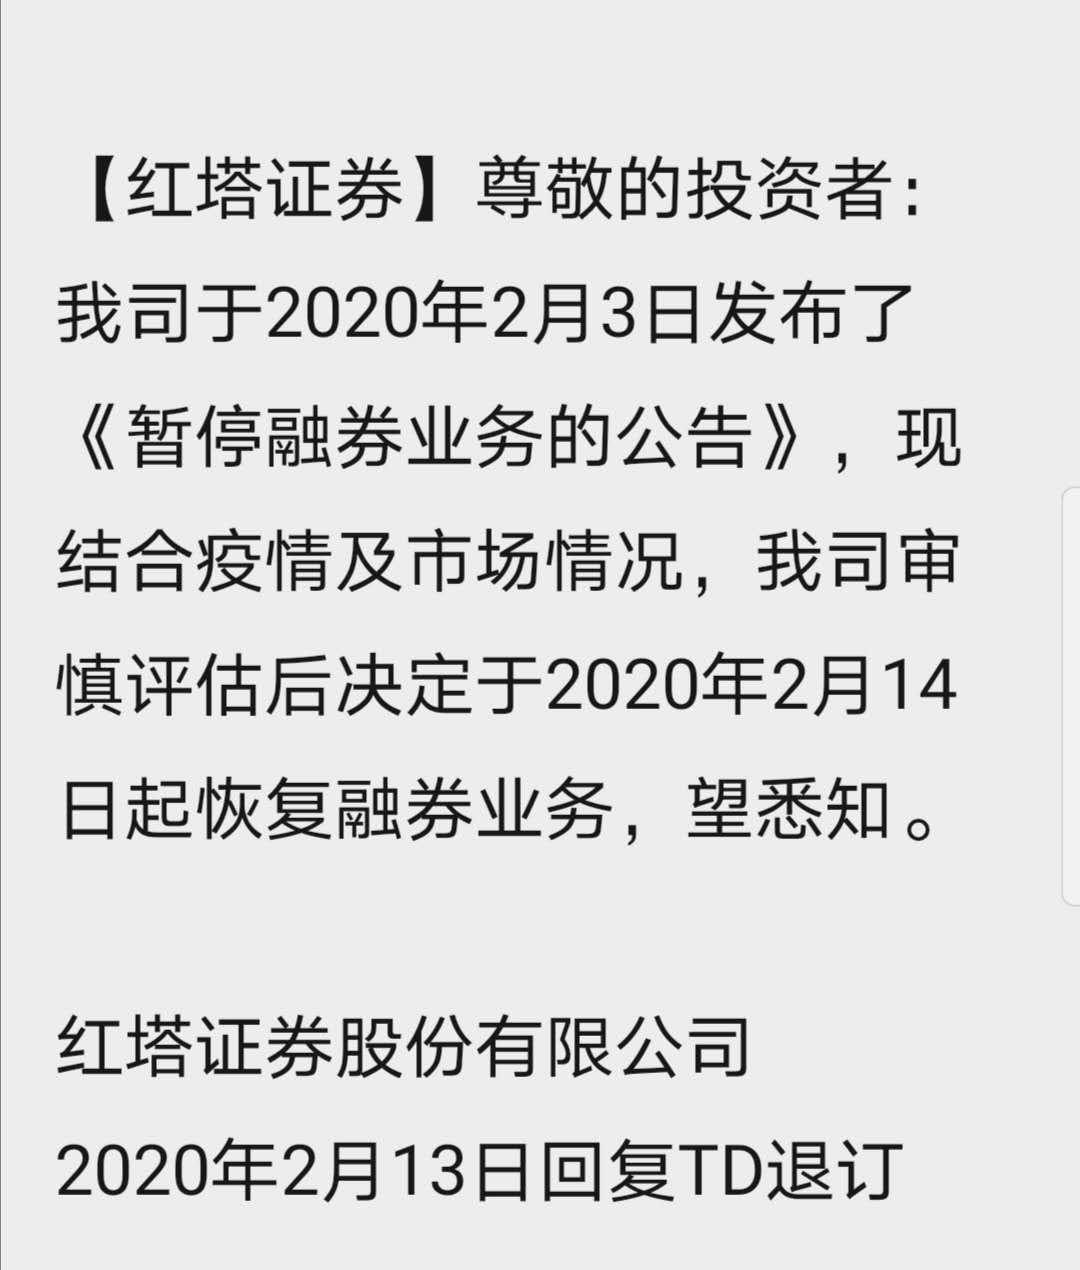 """春节后""""护盘动作""""有变,融券业务全面恢复!"""